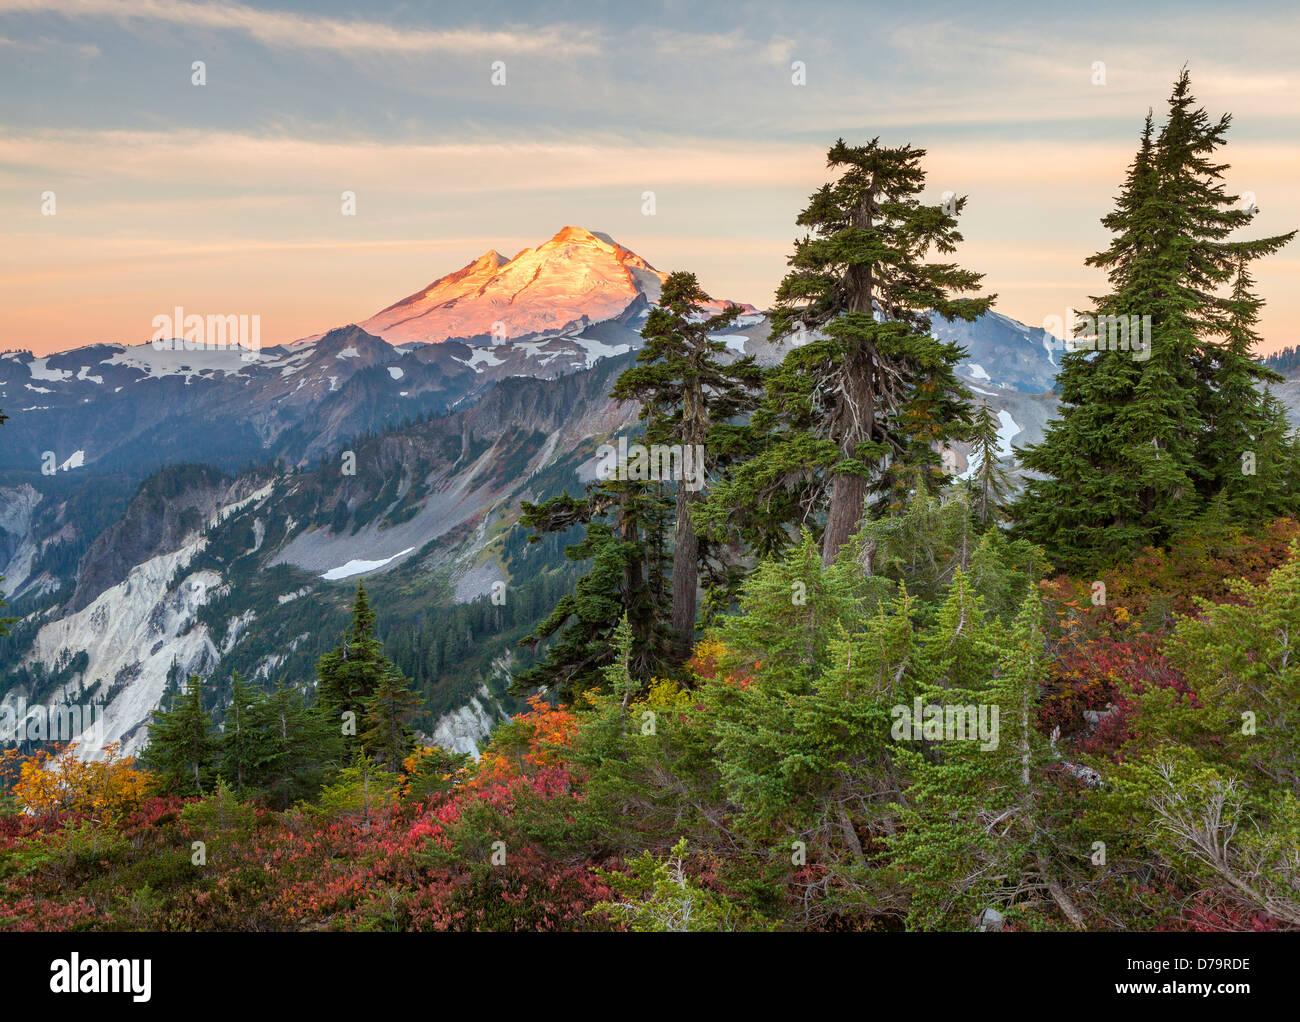 Mount Baker-Snoqualmie National Forest, WA: Mount Baker von Künstlern Ridge Trail, bei Sonnenaufgang Stockbild